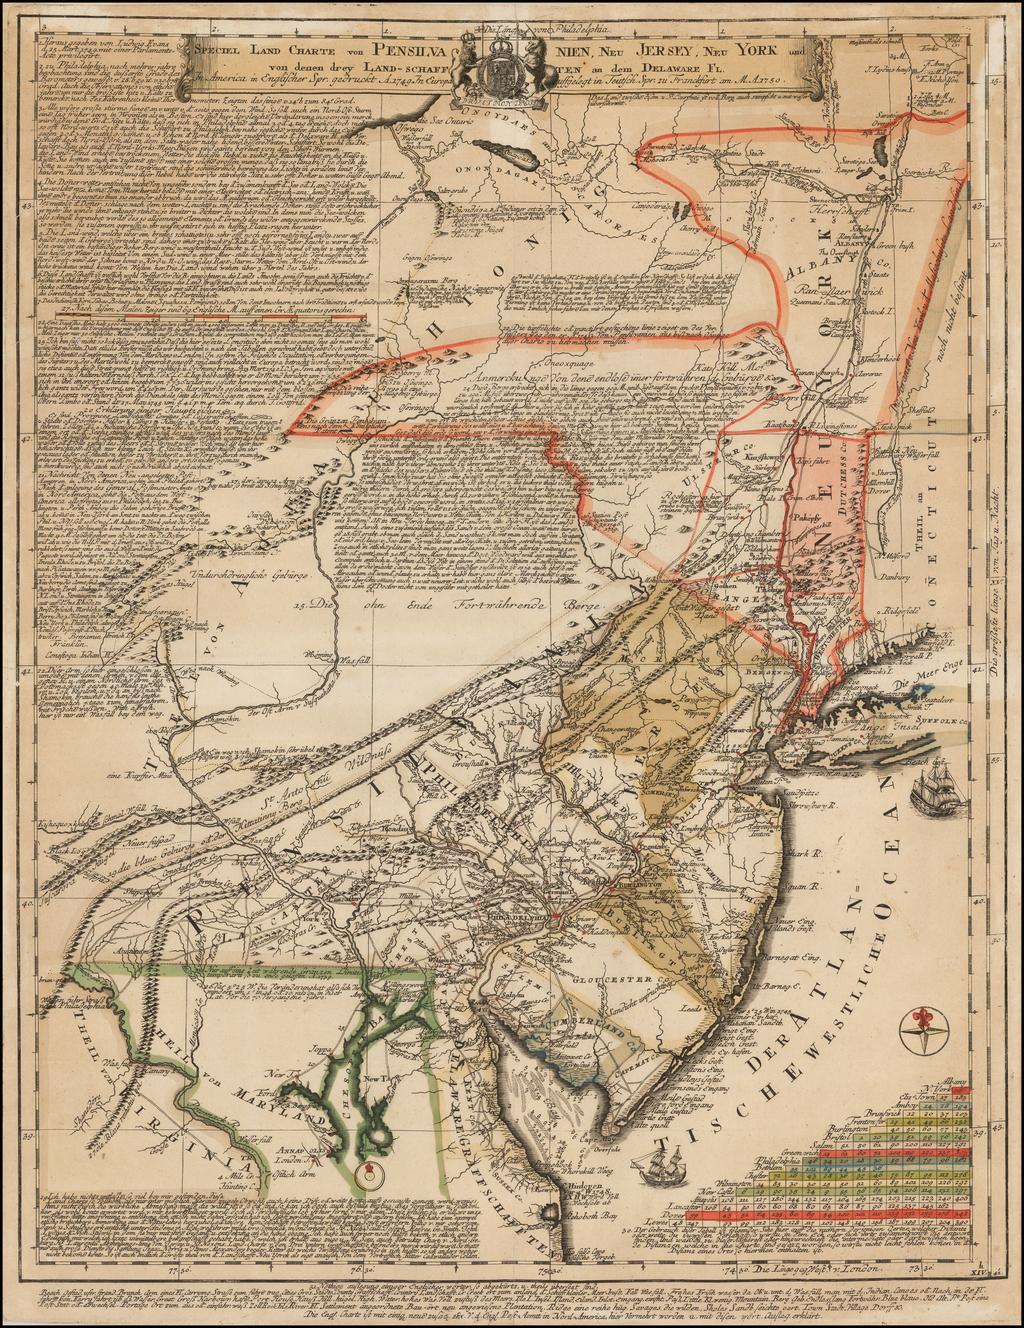 Speciel Land Charte von Pensilvanien, Neu Jersey, Neu York und von denen drey Land-schafften an dem Delaware Fl. In America in Englischer Spr. gedruckt A. 1749 In Europa duffgelegt in Teutsch Spr. zu Francfurt am M. A. 1750. By Lewis Evans